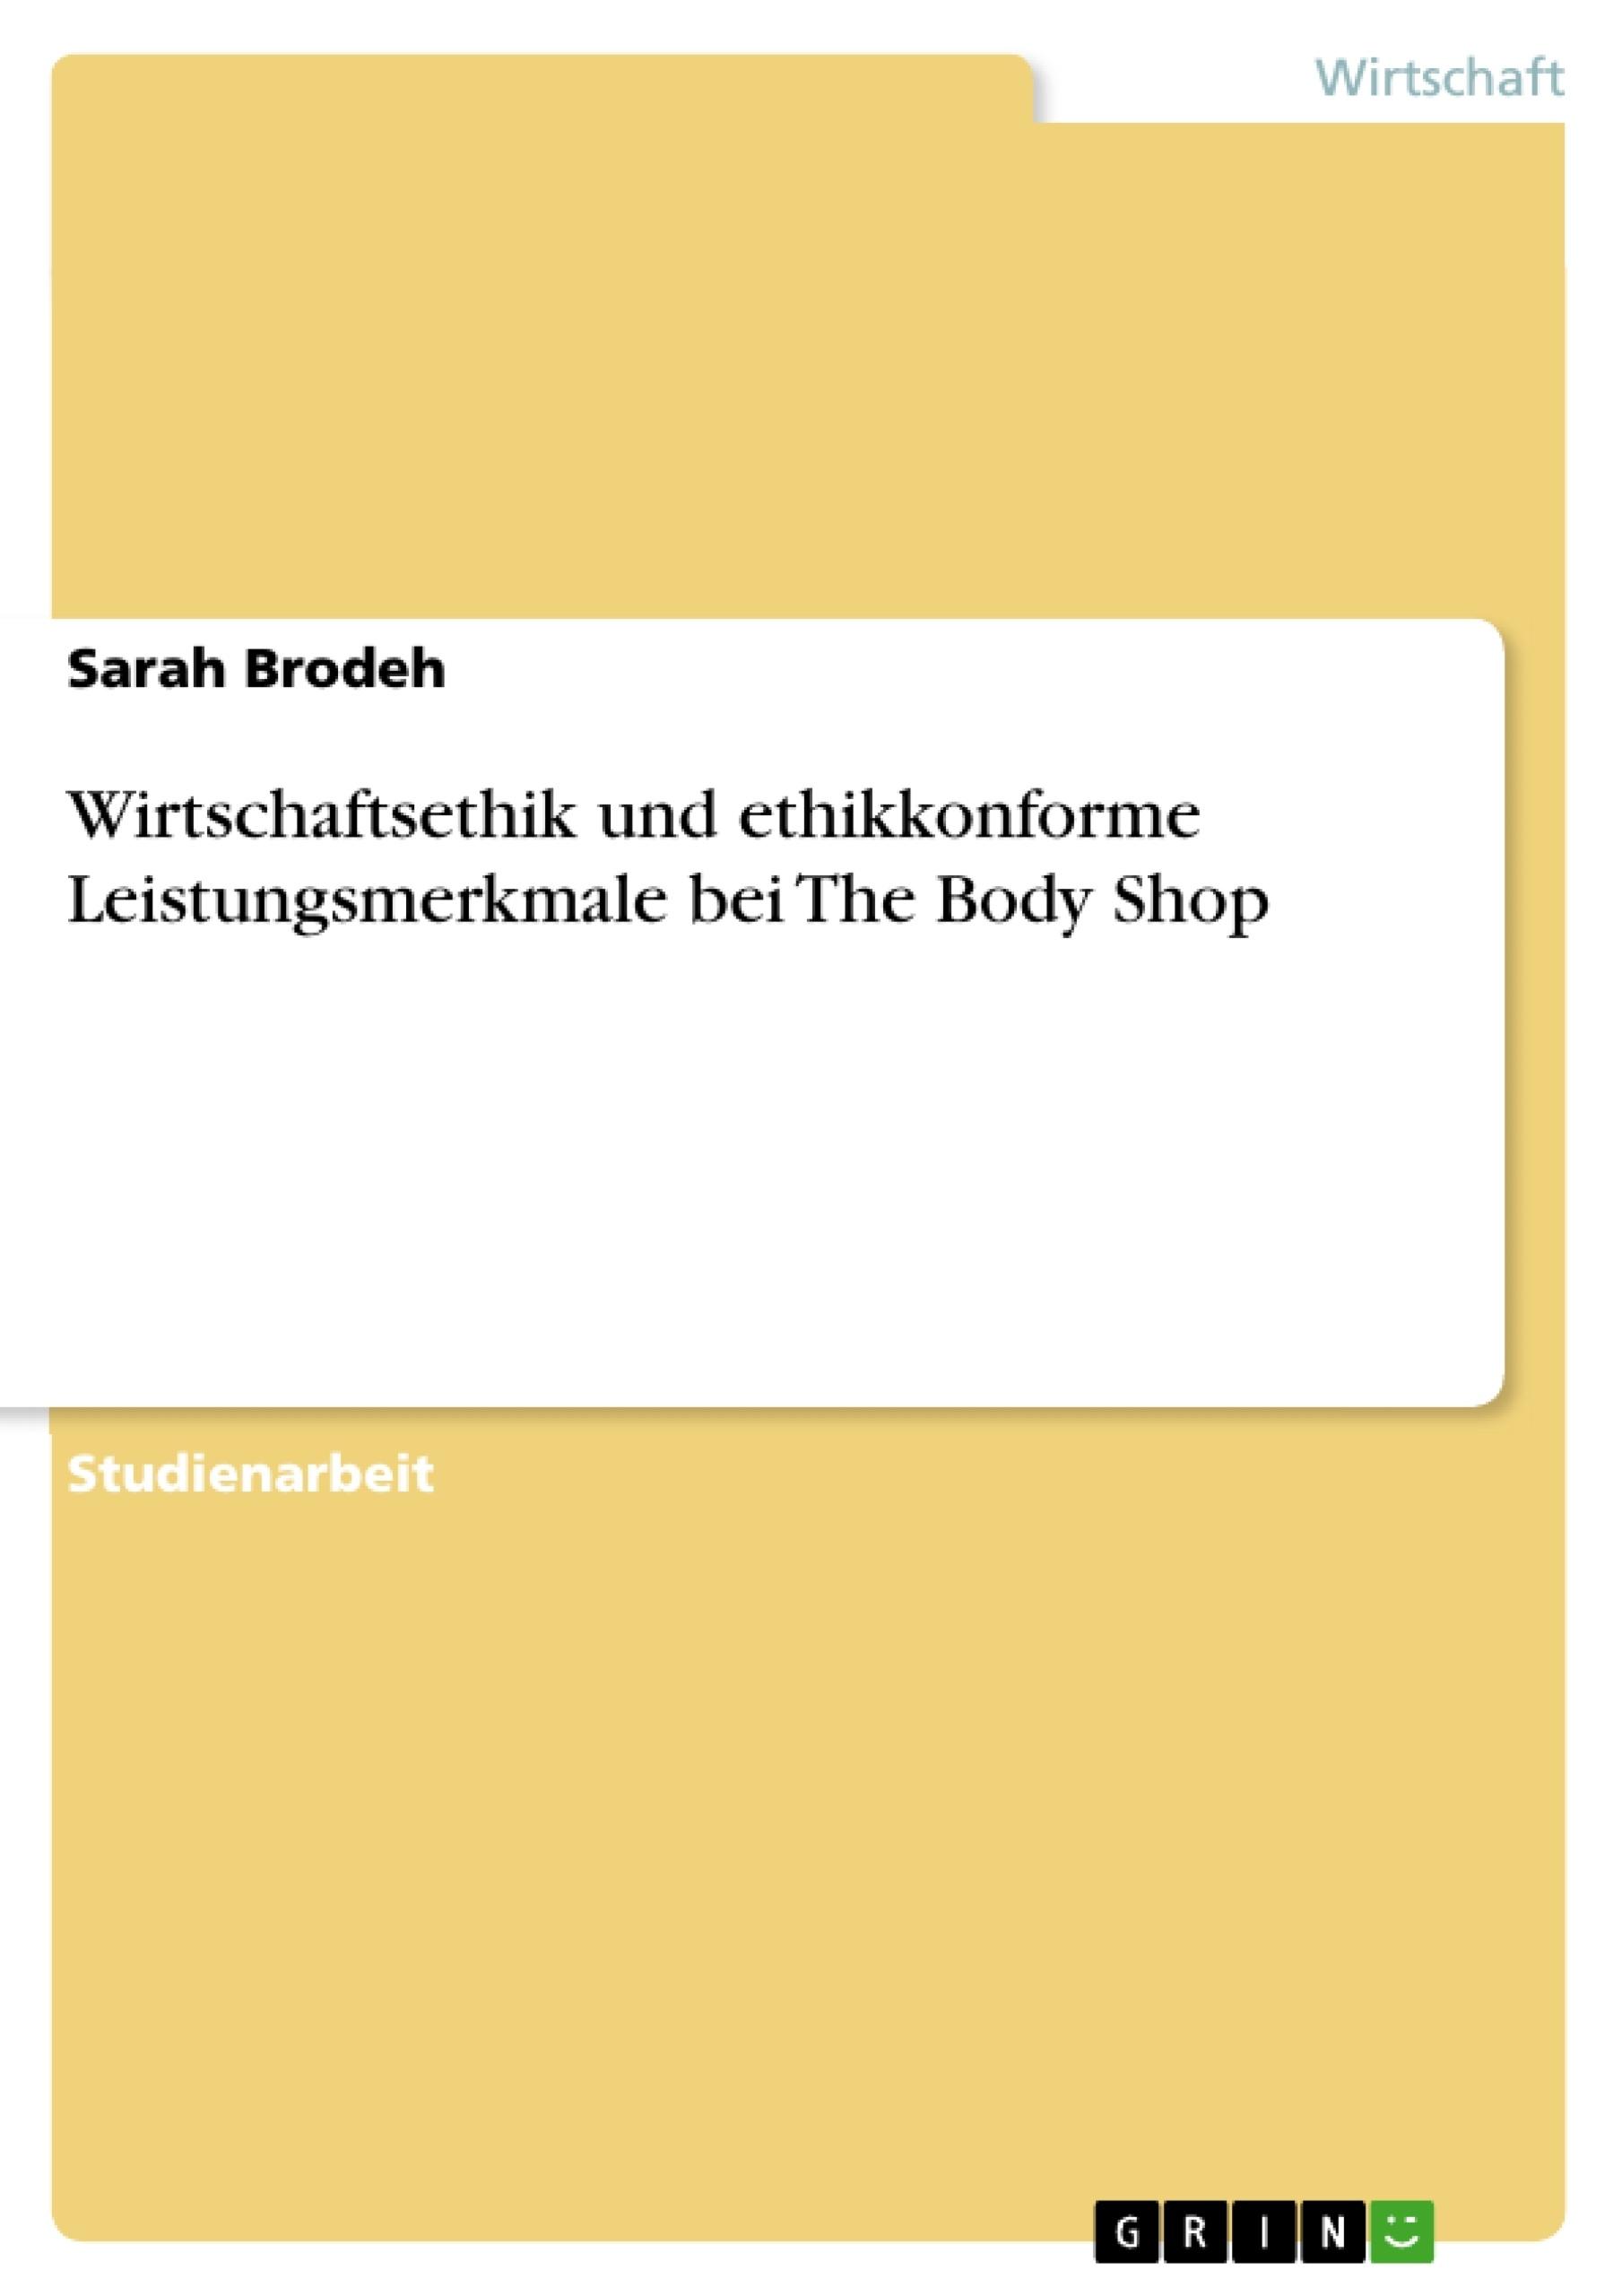 Titel: Wirtschaftsethik und ethikkonforme Leistungsmerkmale bei The Body Shop